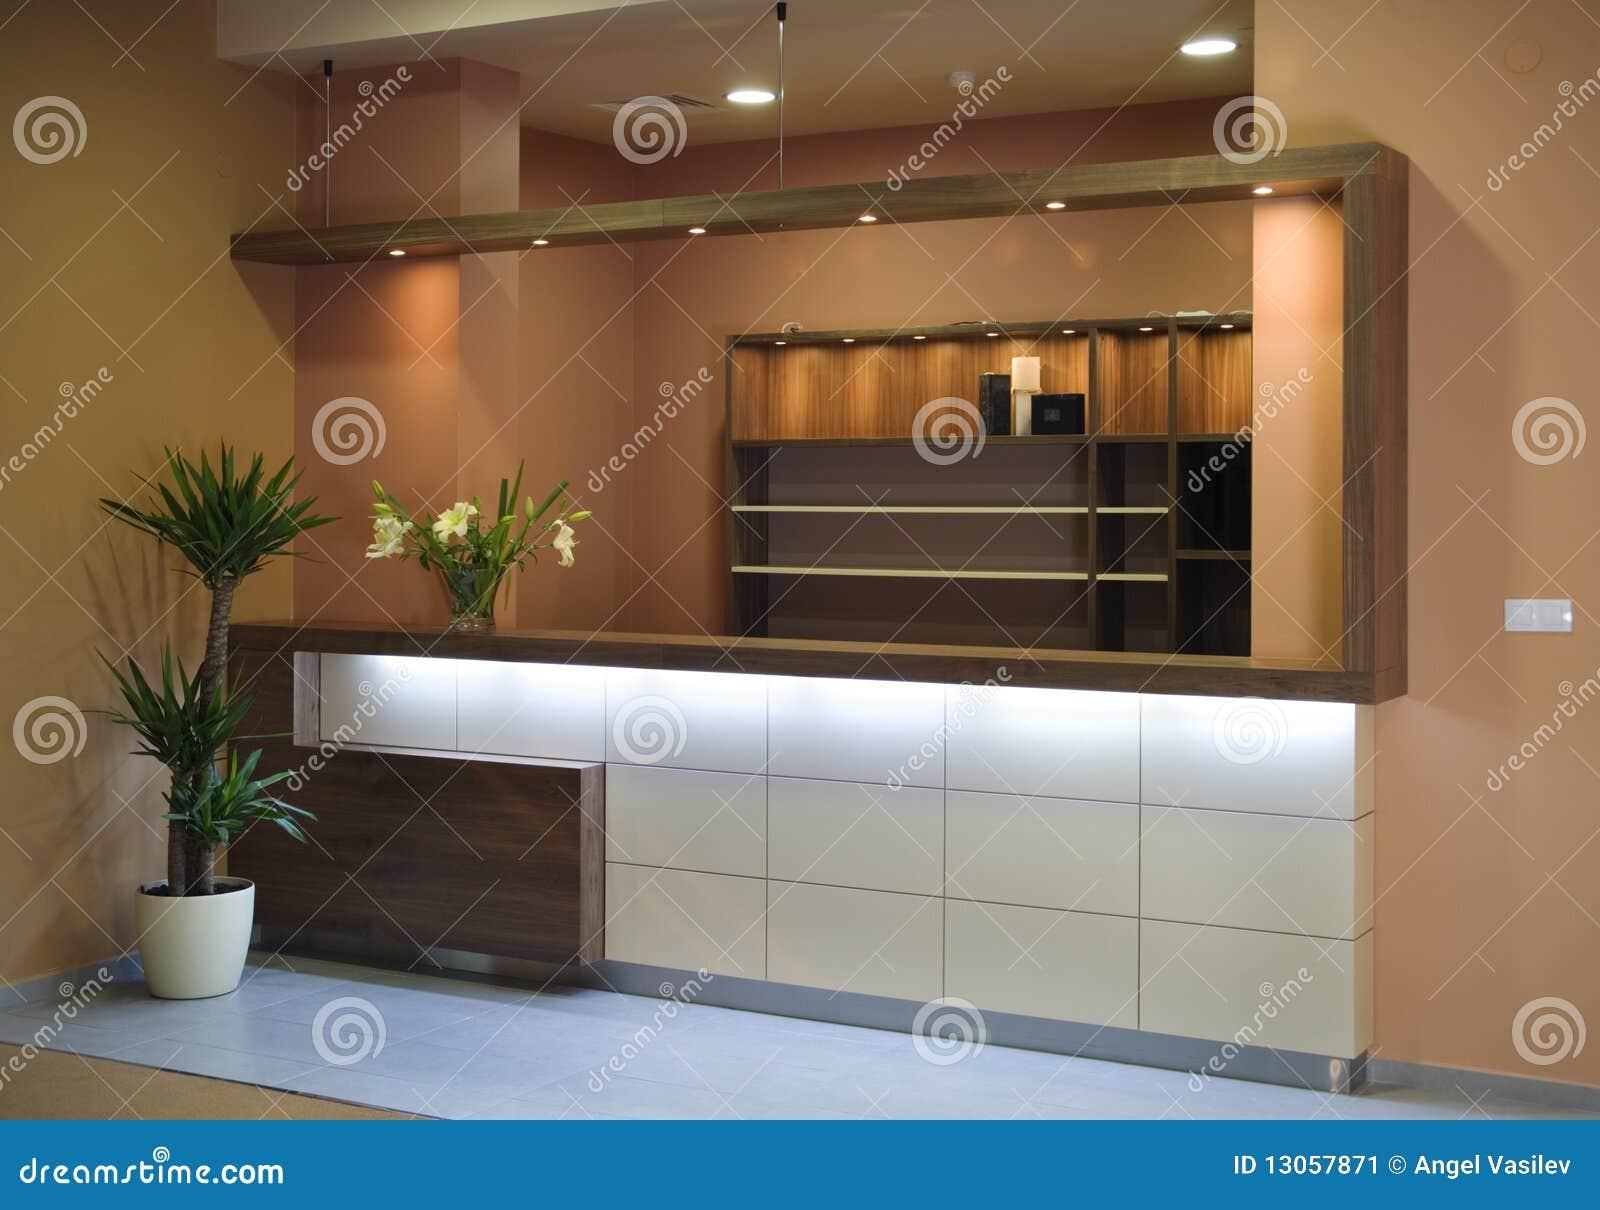 Projeto Interior Da Cozinha Bonita E Moderna. Imagem de Stock Imagem  #966335 1300 1000